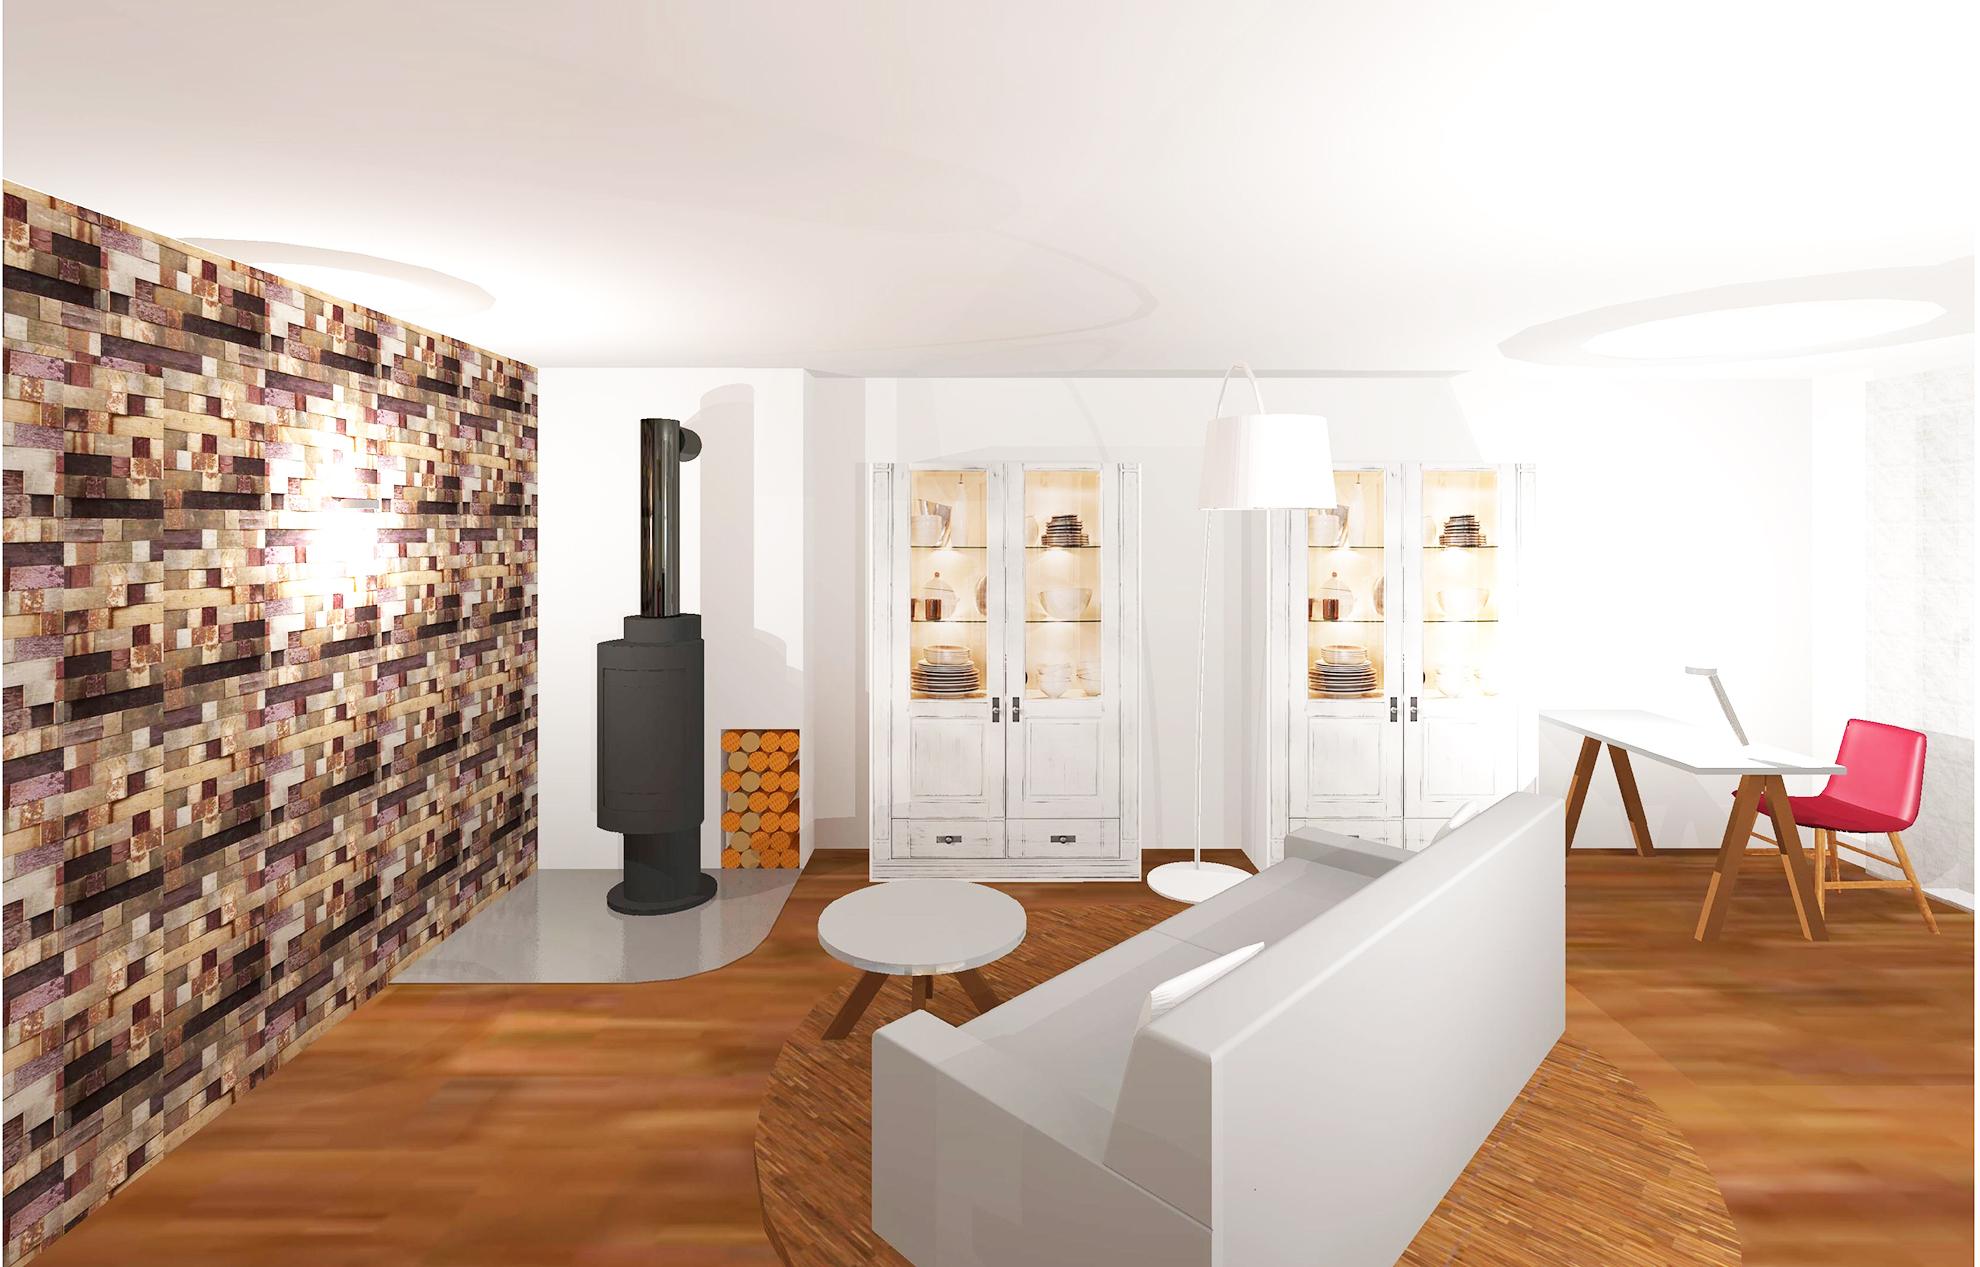 Neugestaltung wohn und esszimmer gross innenarchitektur for Innenarchitektur esszimmer